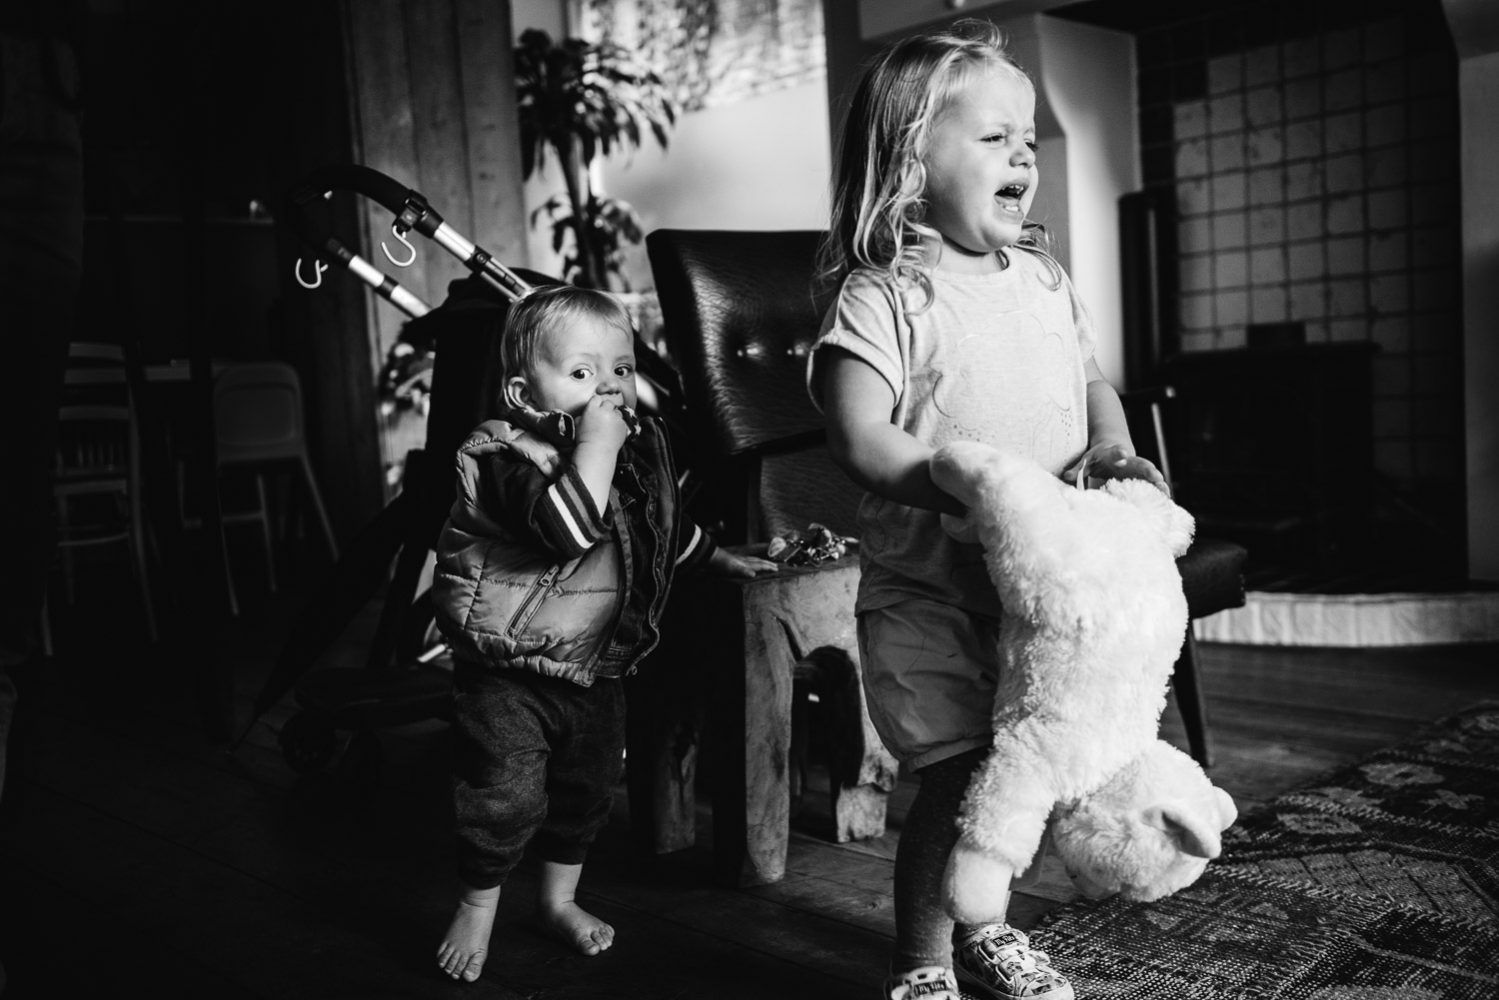 natuurlijke authentieke ongeposeerde kinderfoto's